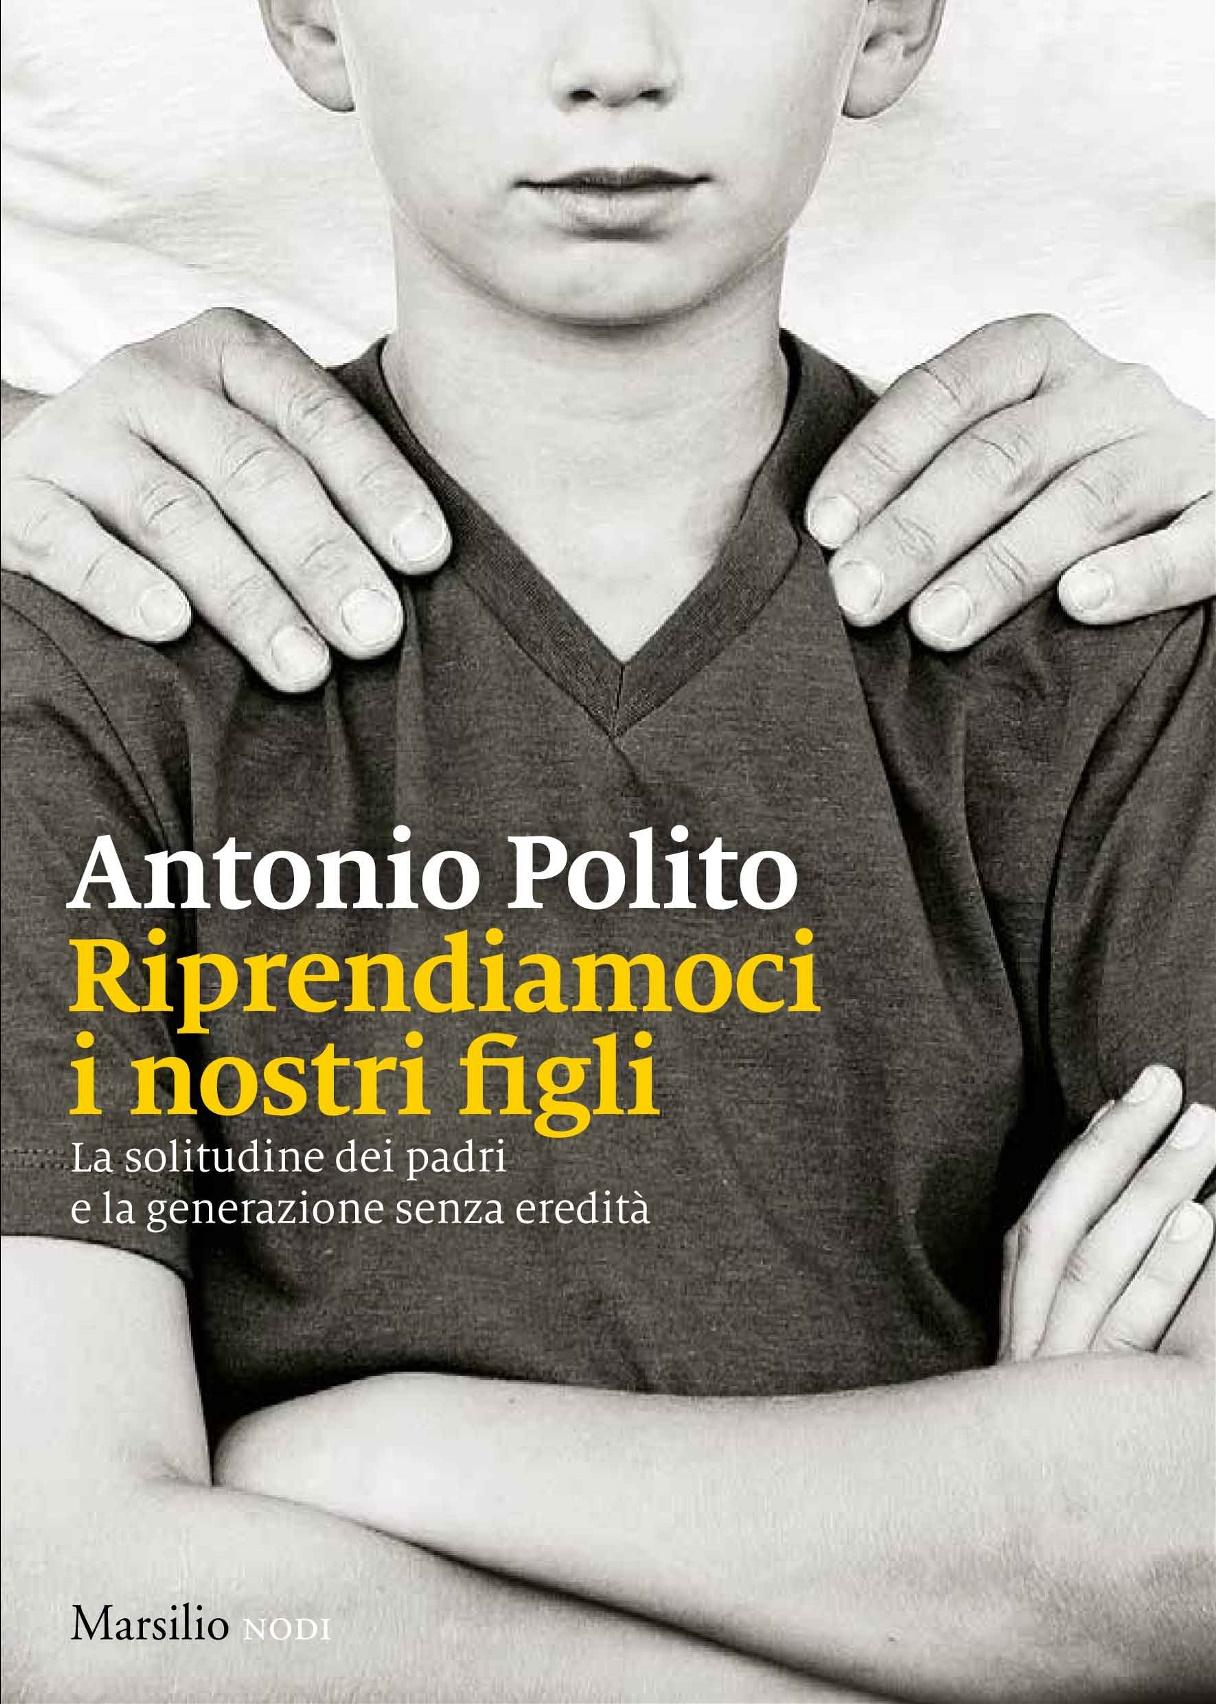 RIPRENDIAMOCI I NOSTRI FIGLI - Antonio Polito